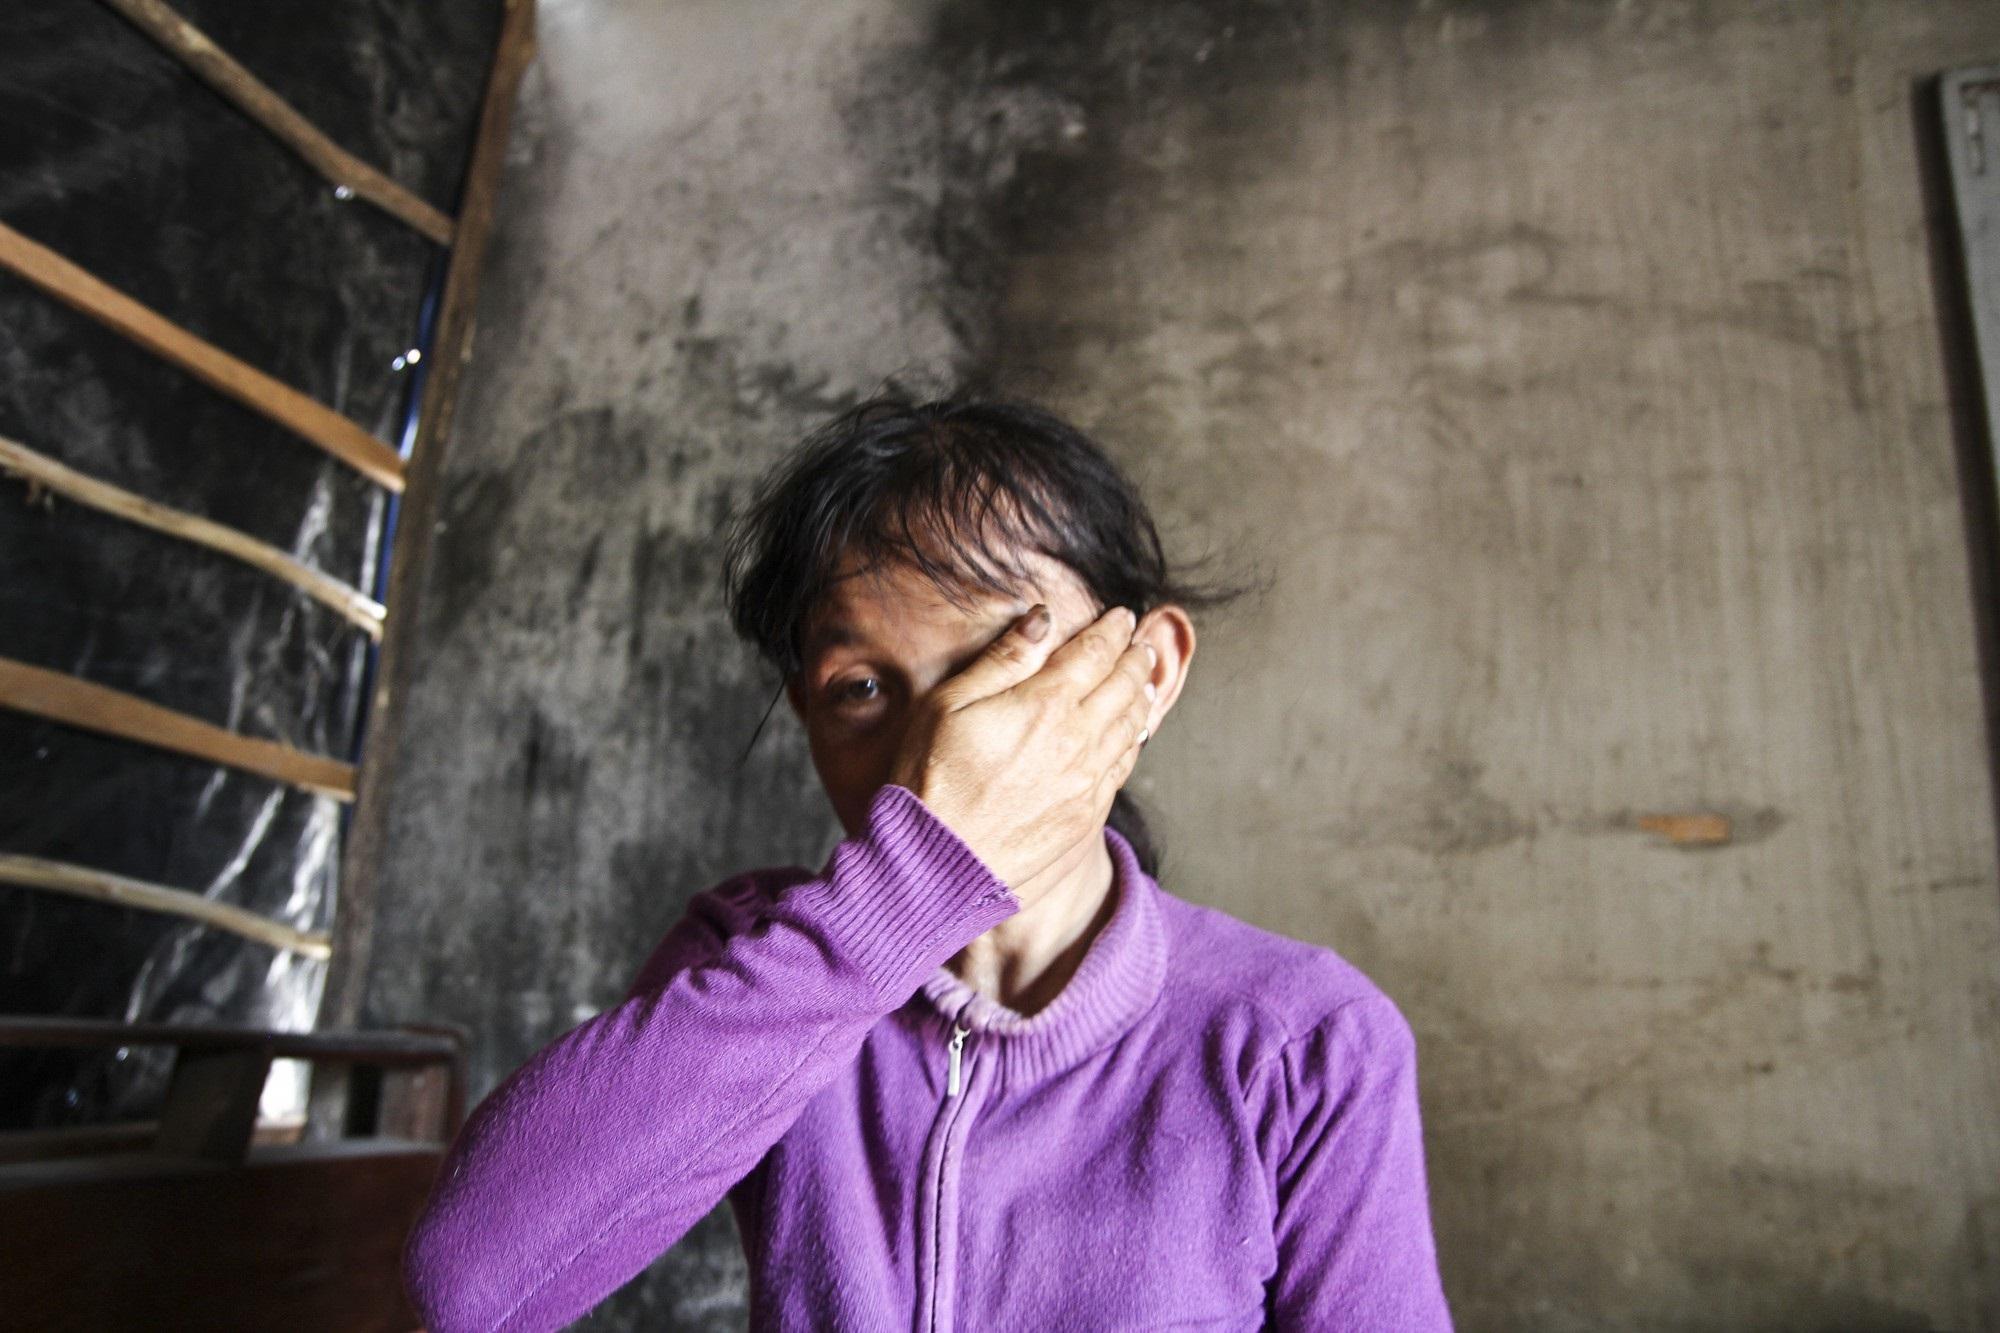 Cuộc đời khốn khổ của người mẹ chôn sống con ở Bình Thuận - Ảnh 5